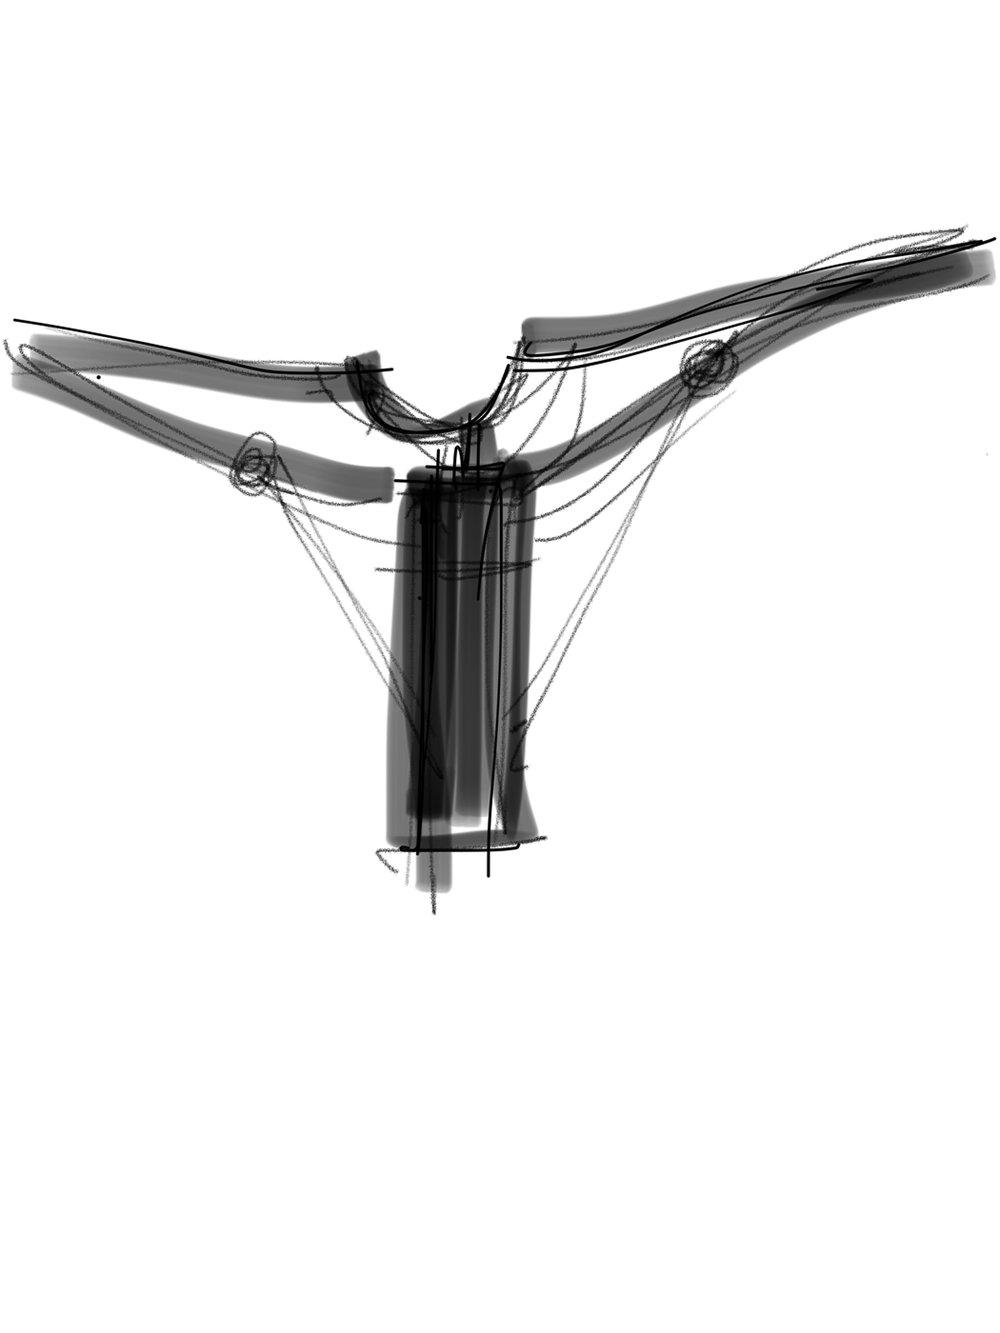 Sketch-471.jpg